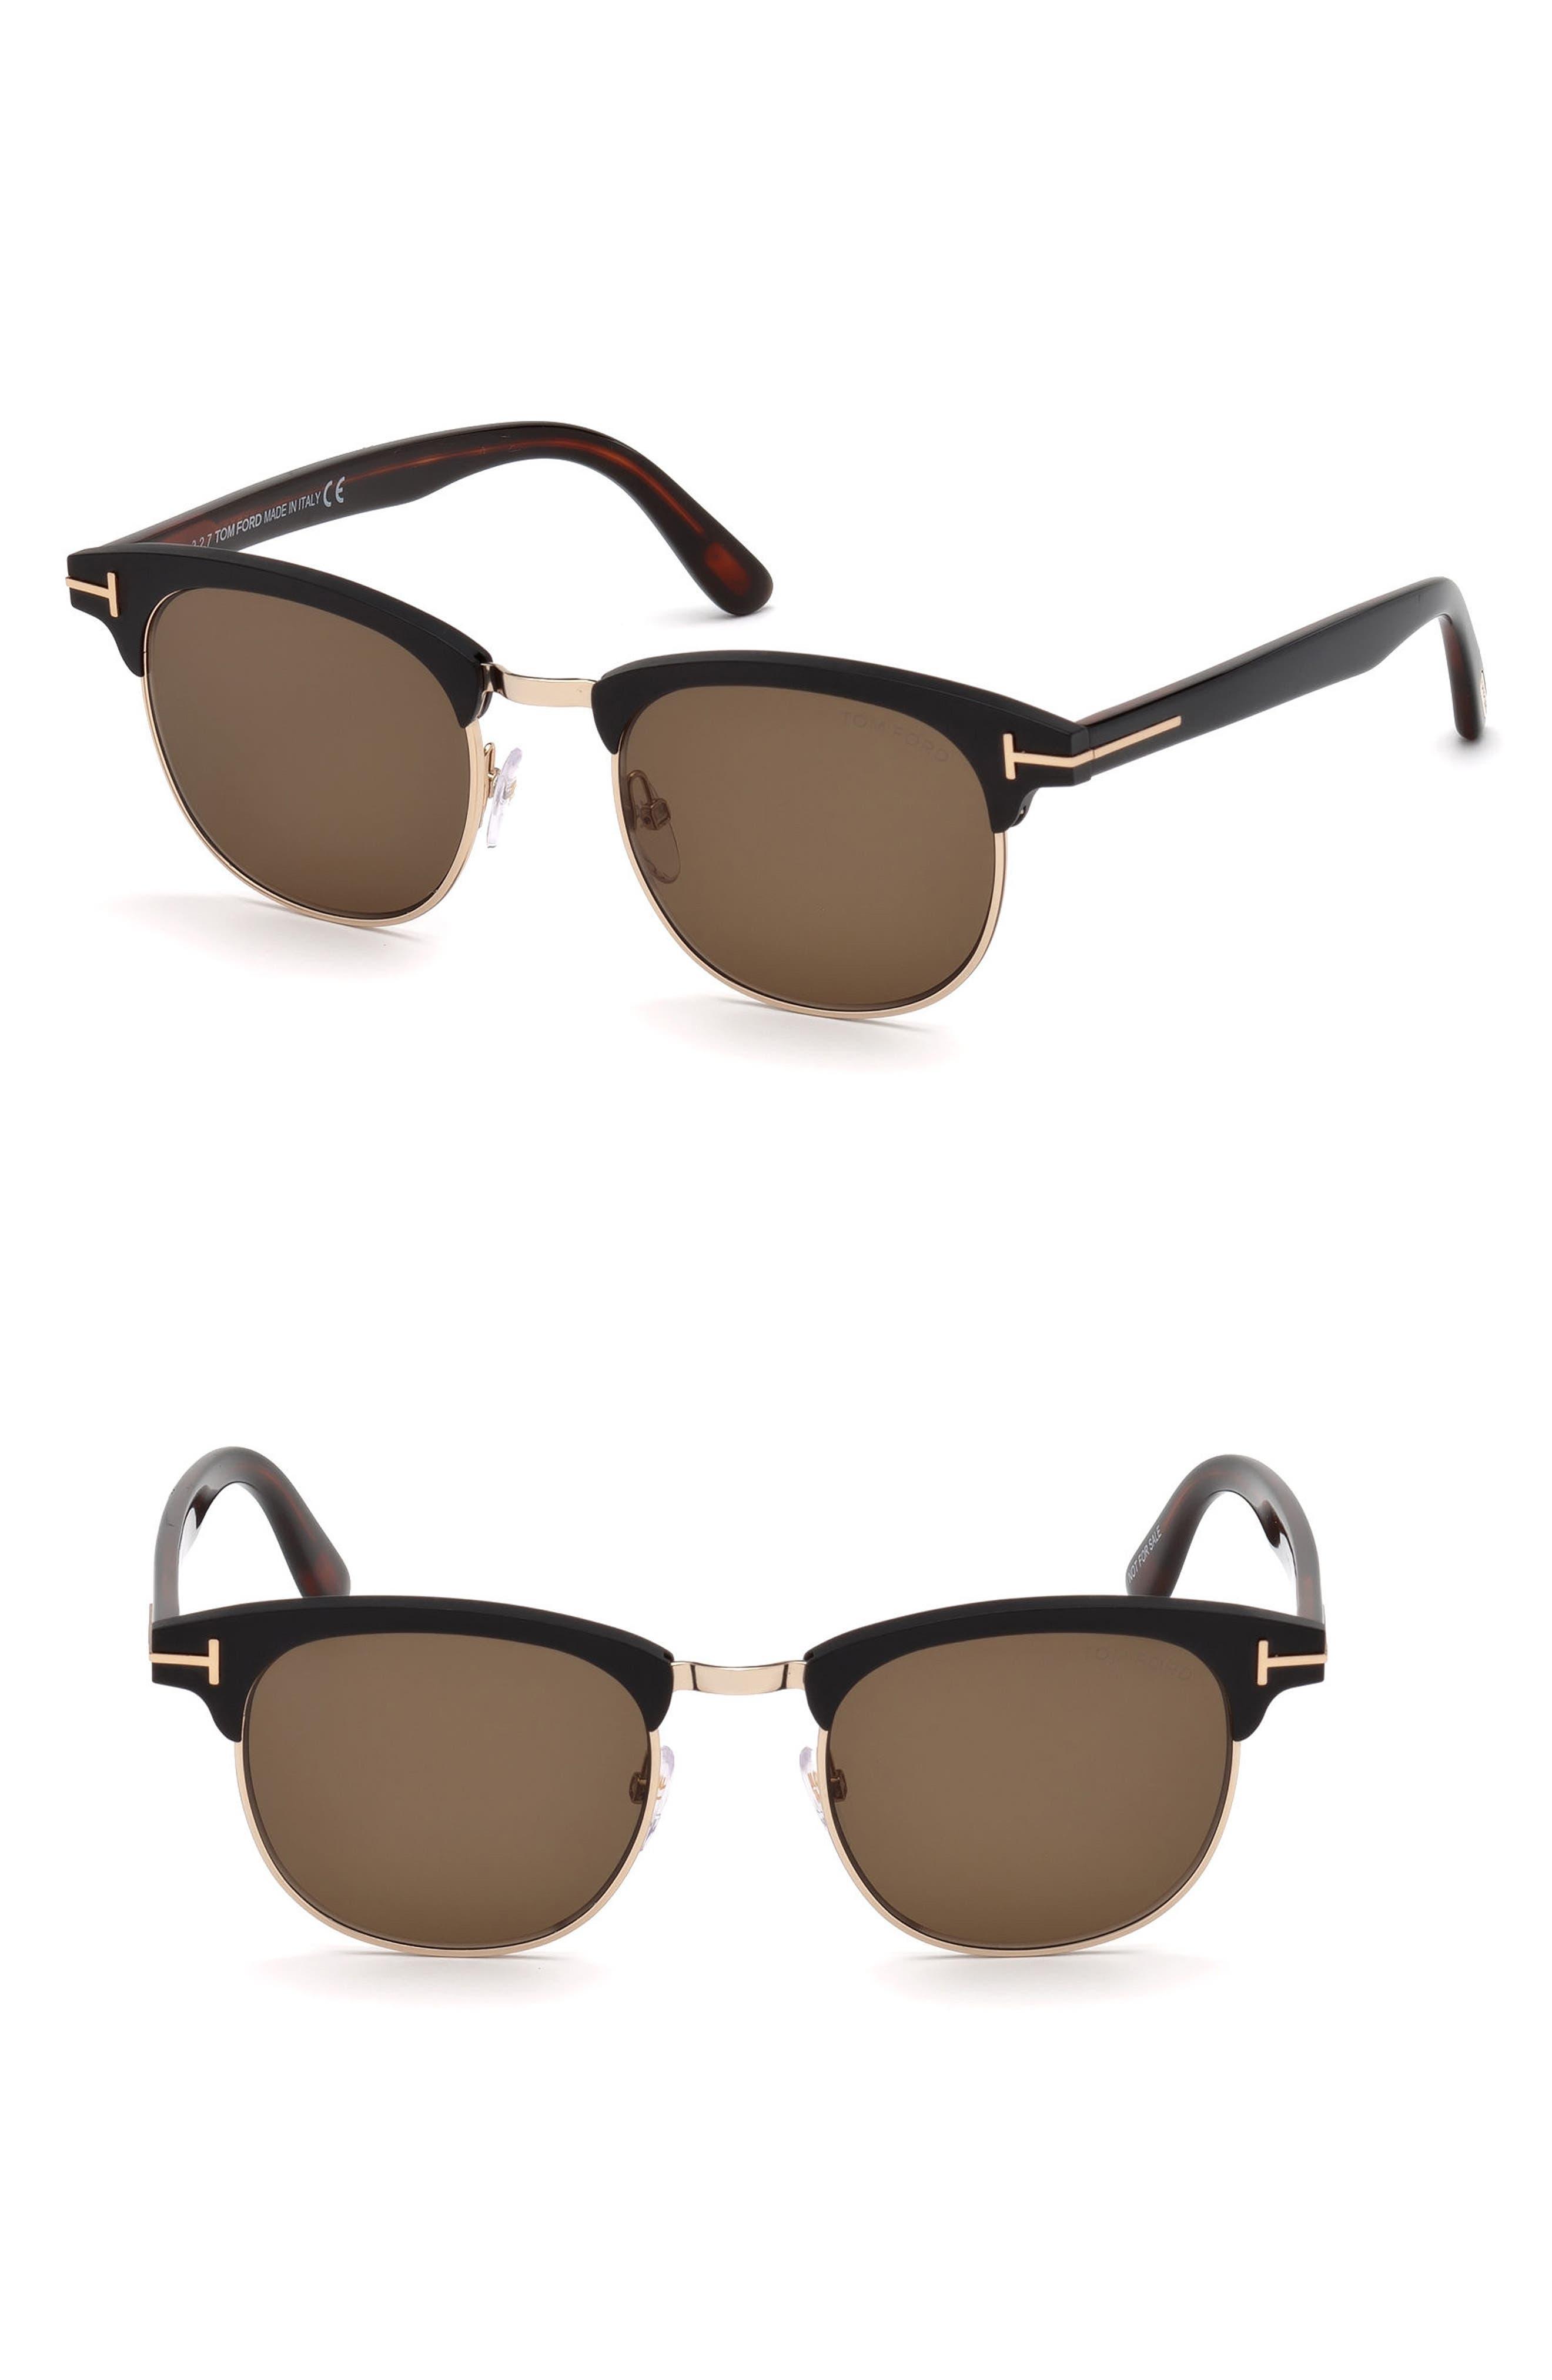 47cd22e4e667 Men s Tom Ford Sunglasses   Eyeglasses